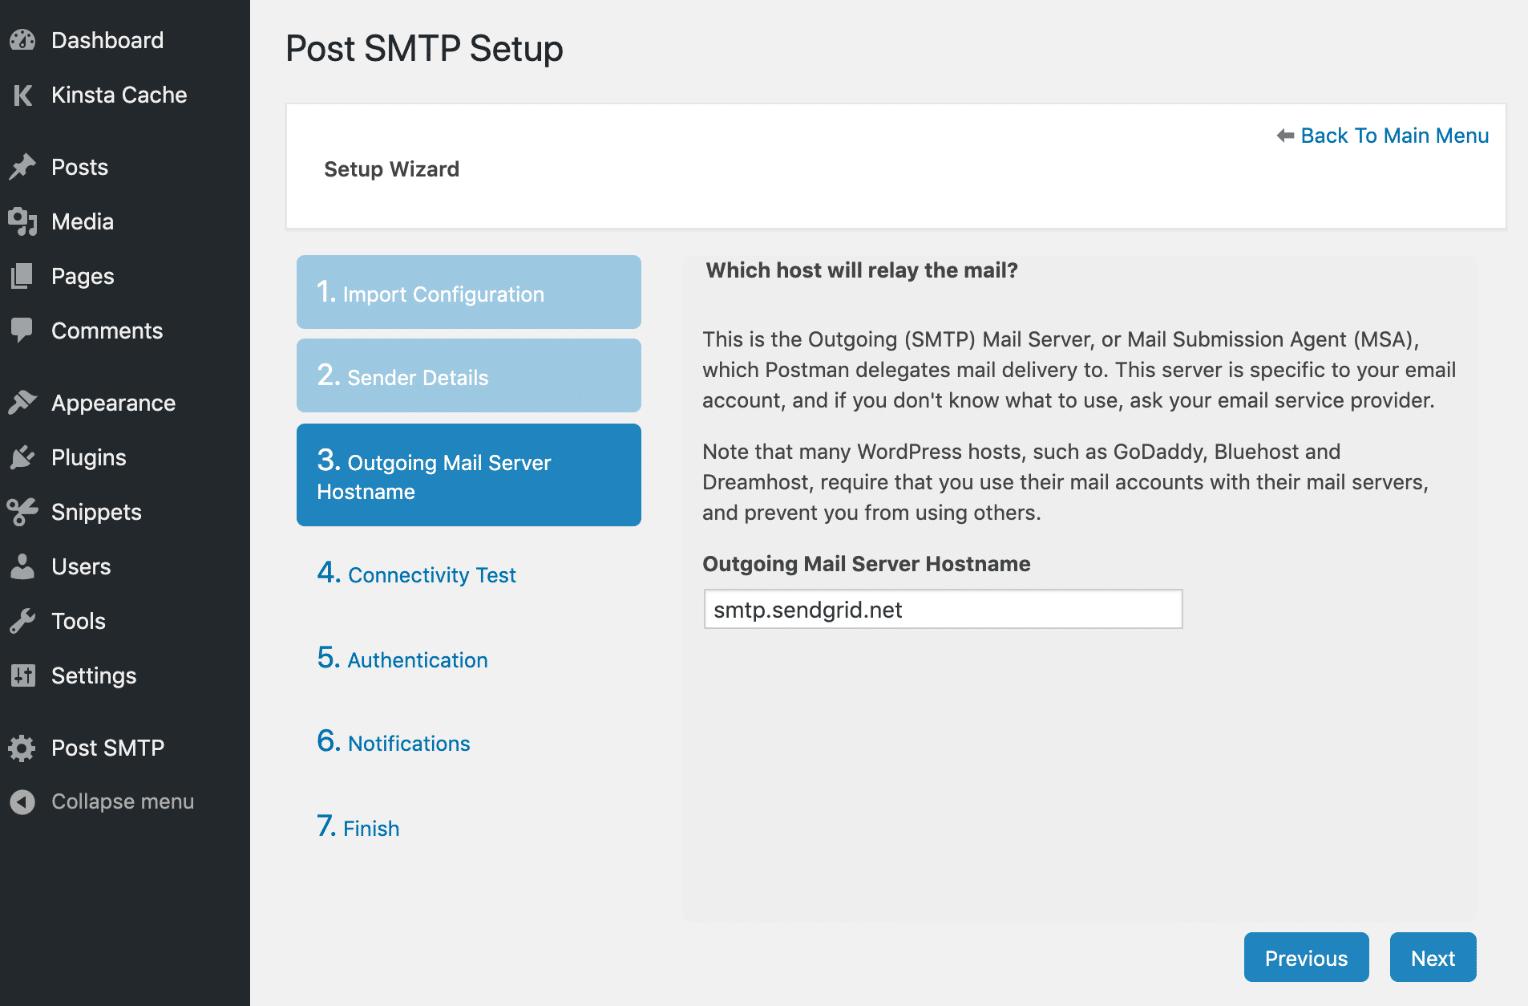 Hostname de Servidor de Saída de E-mail Post SMTP